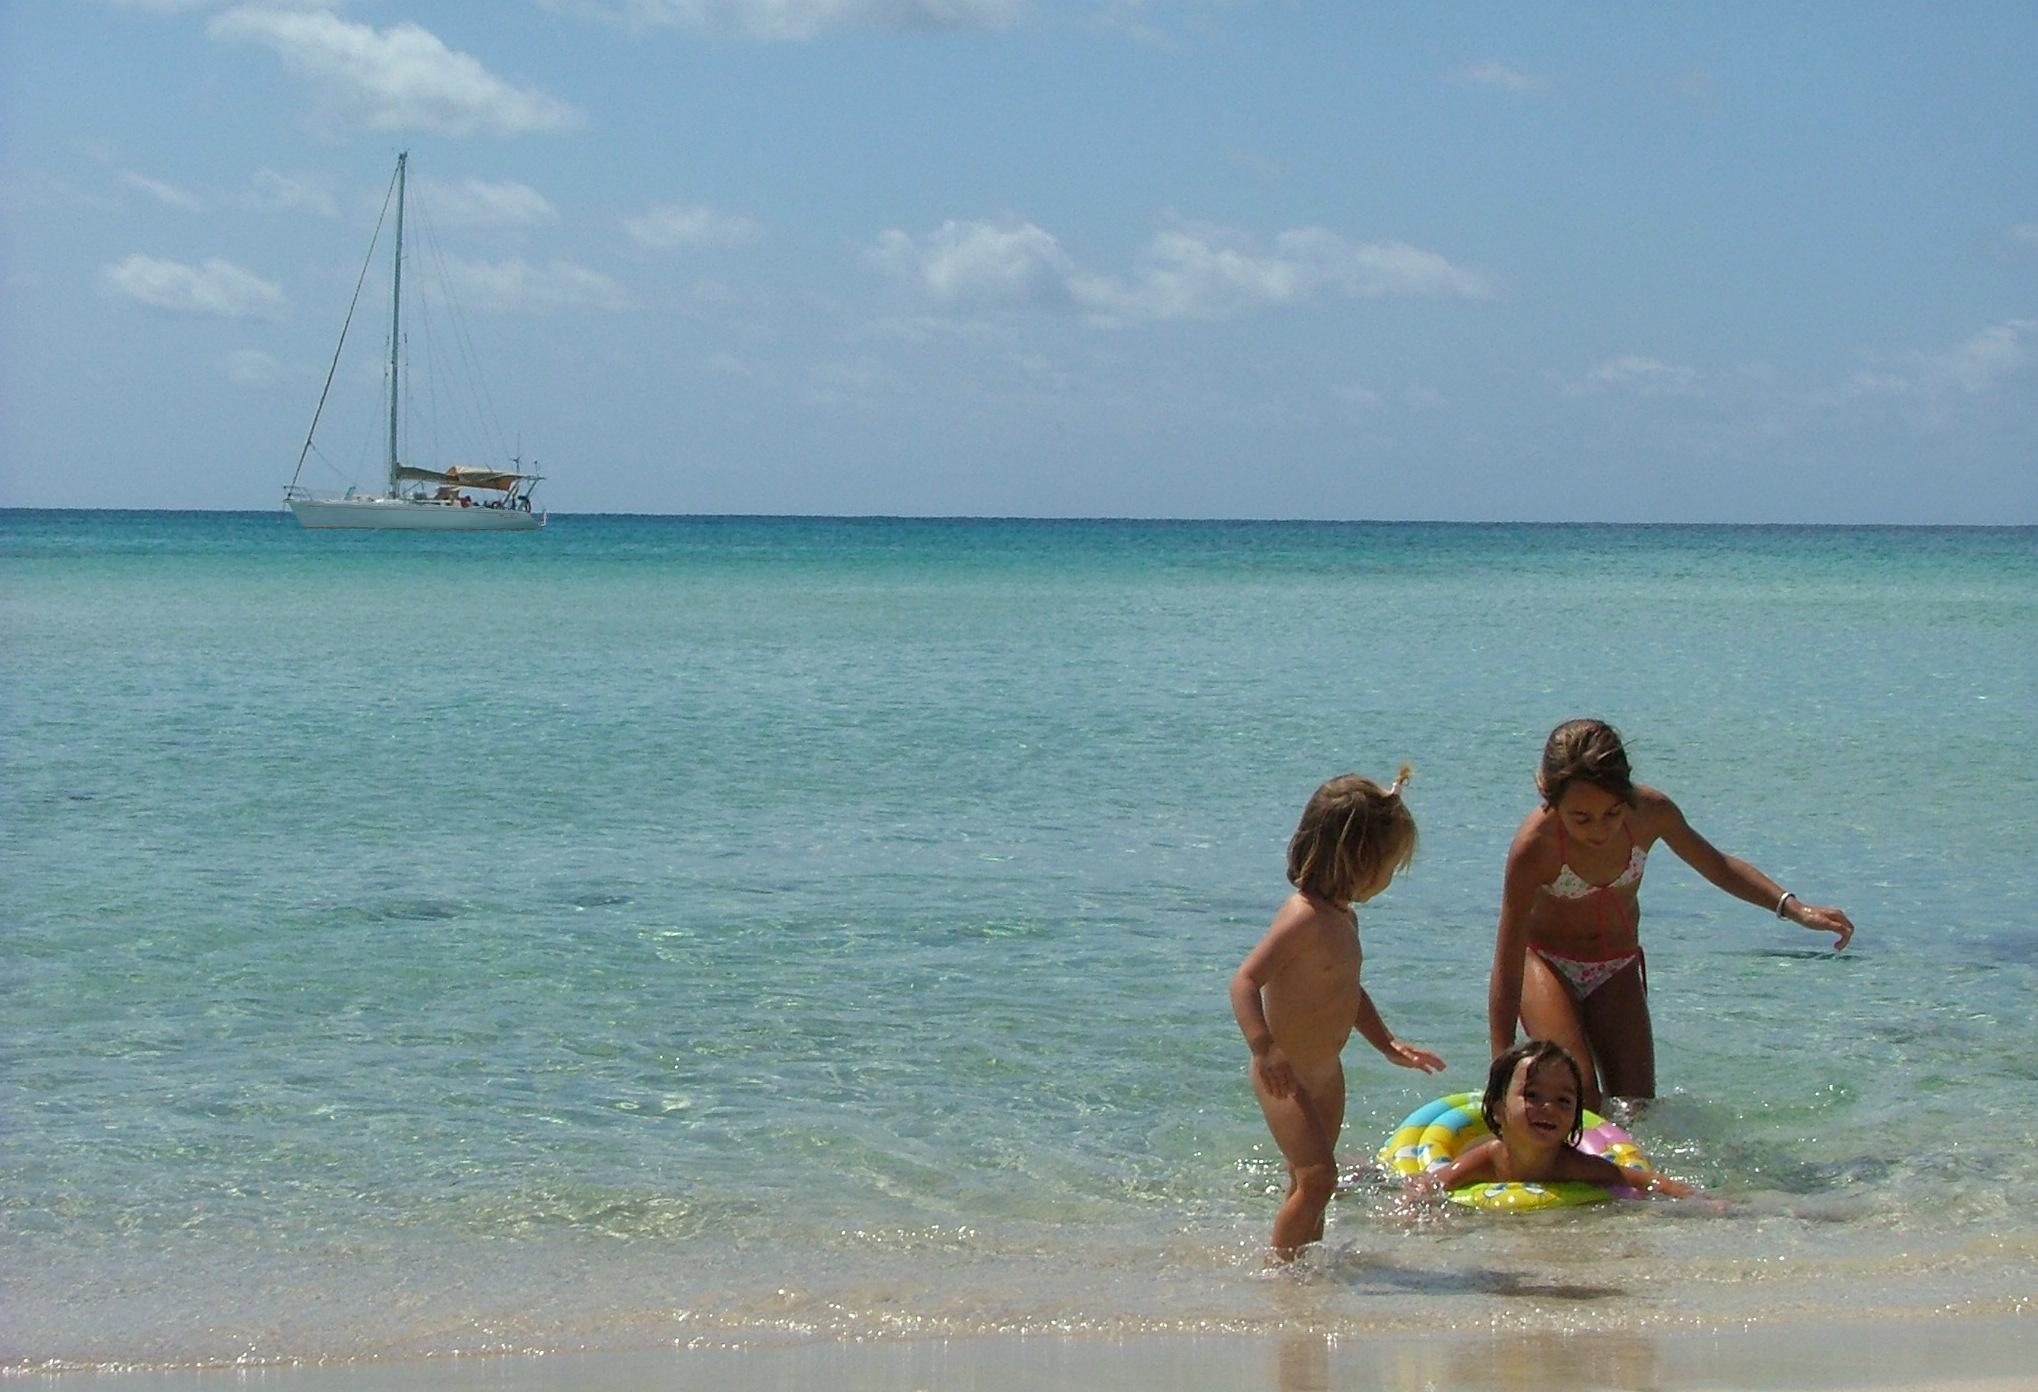 - Niños jugando en la playa -